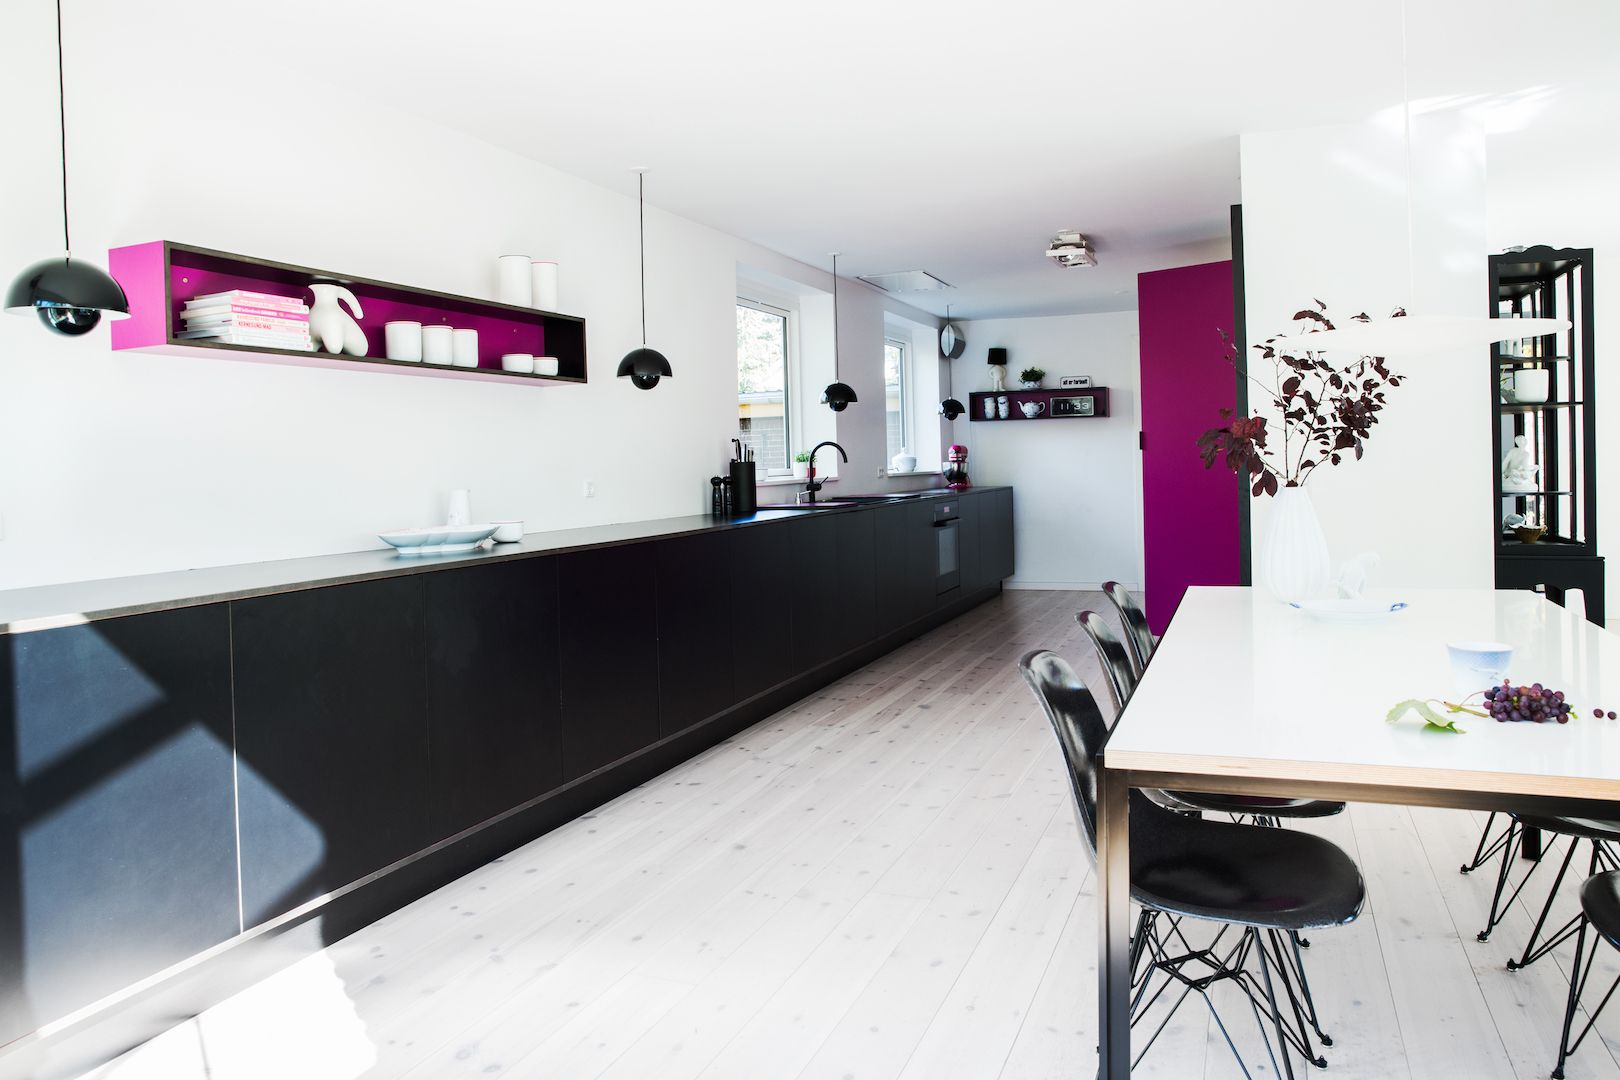 9 meter køkken - sort og pink laminat #RUM4 interior design snedkeri ideas ideer architecture arkitektur indretning bolig boligindretning køkken køkkeninspiration køkkenprojekt wood woodwork interiordesign  transformation renovering ombygning